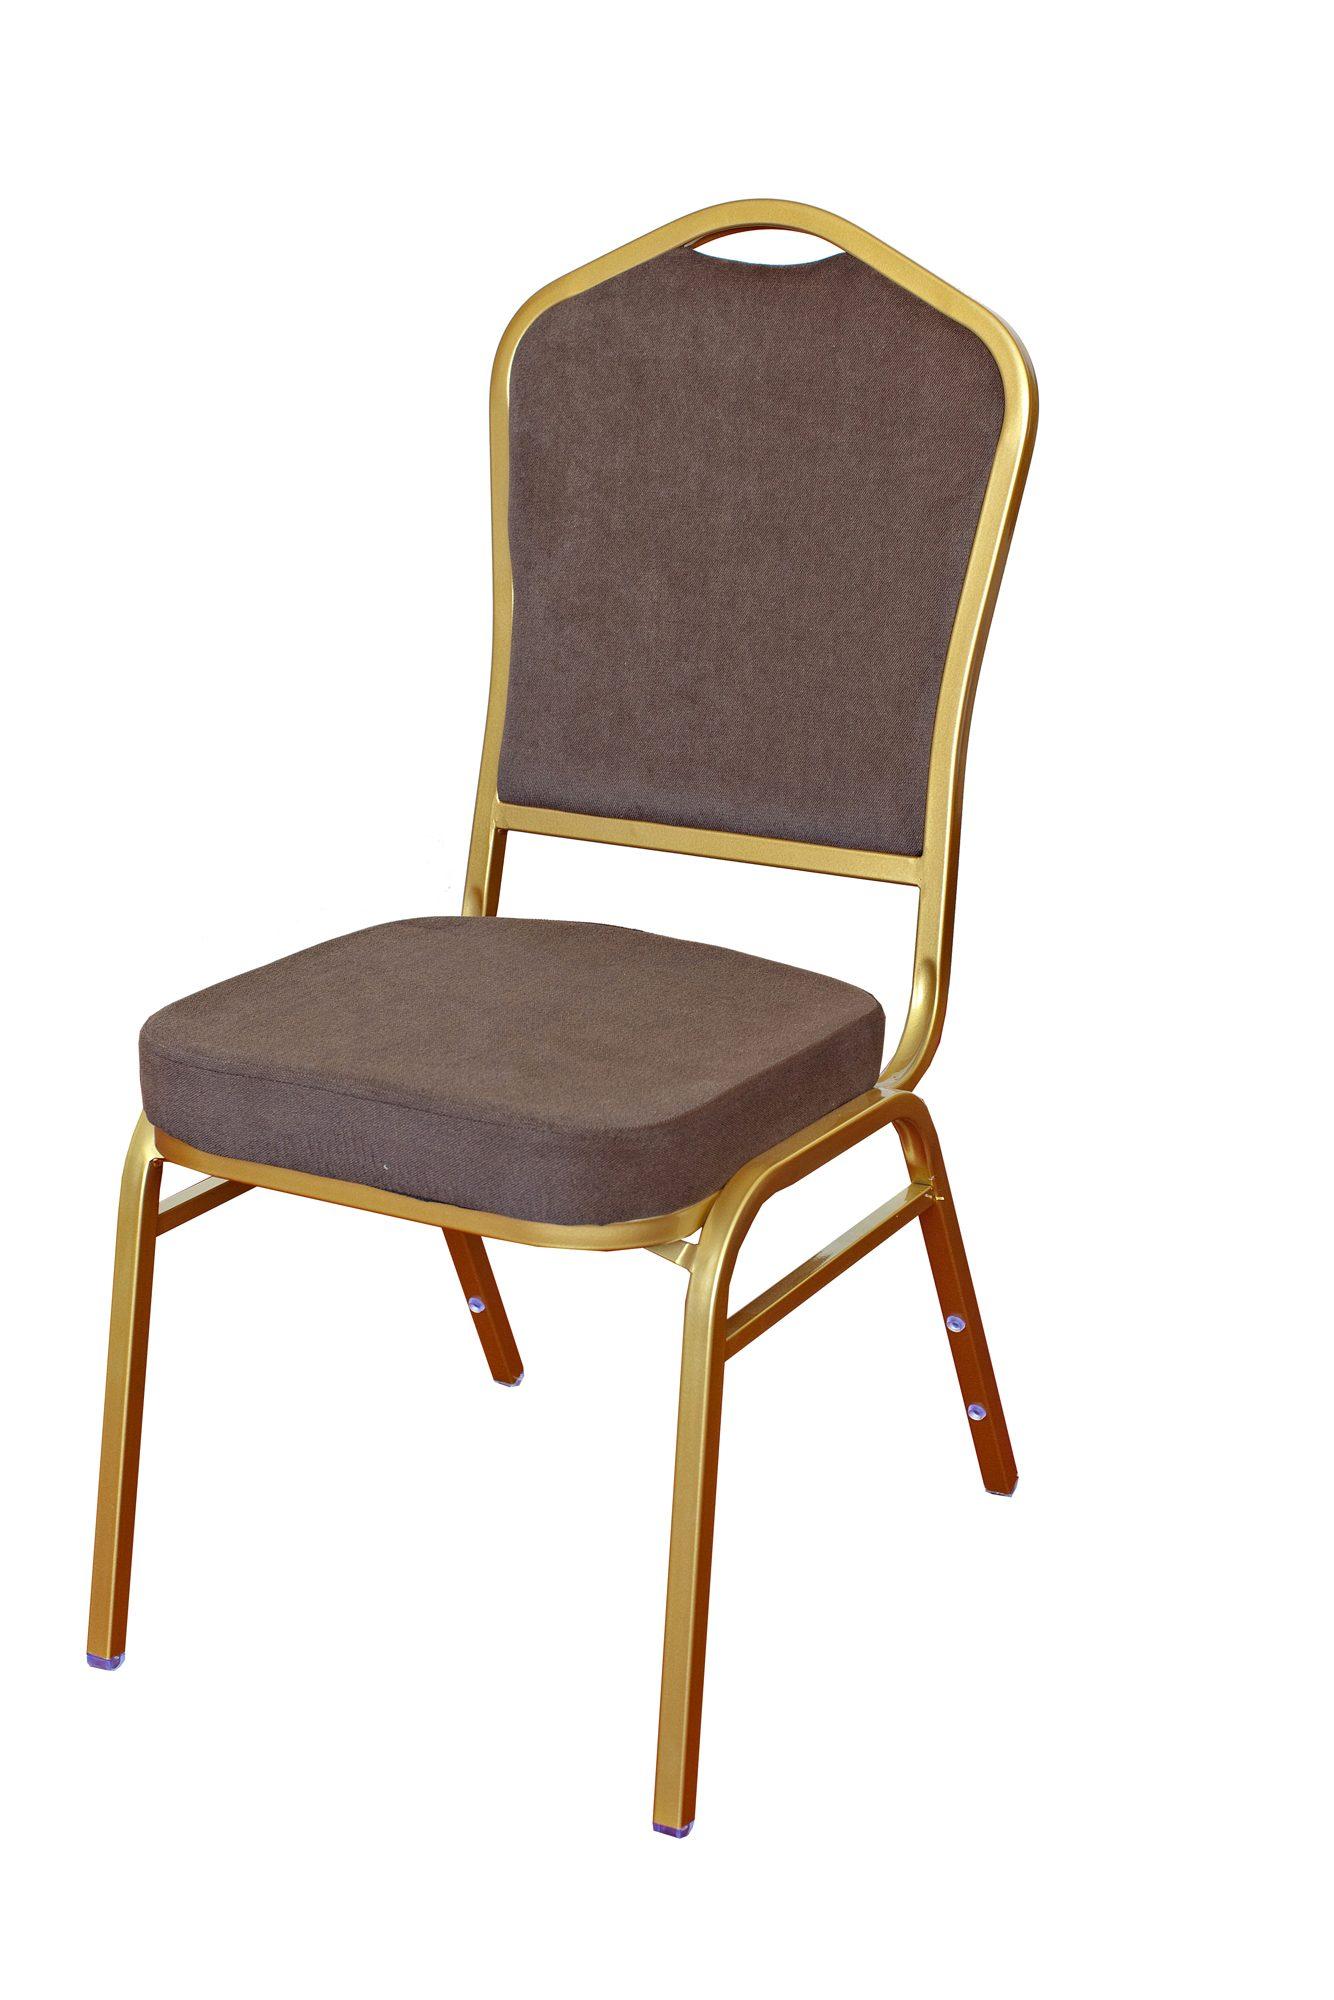 940c7b8fa6e5 Cateringová banketová stolička šedá - Hotelové vybavenie - Bajex s.r.o